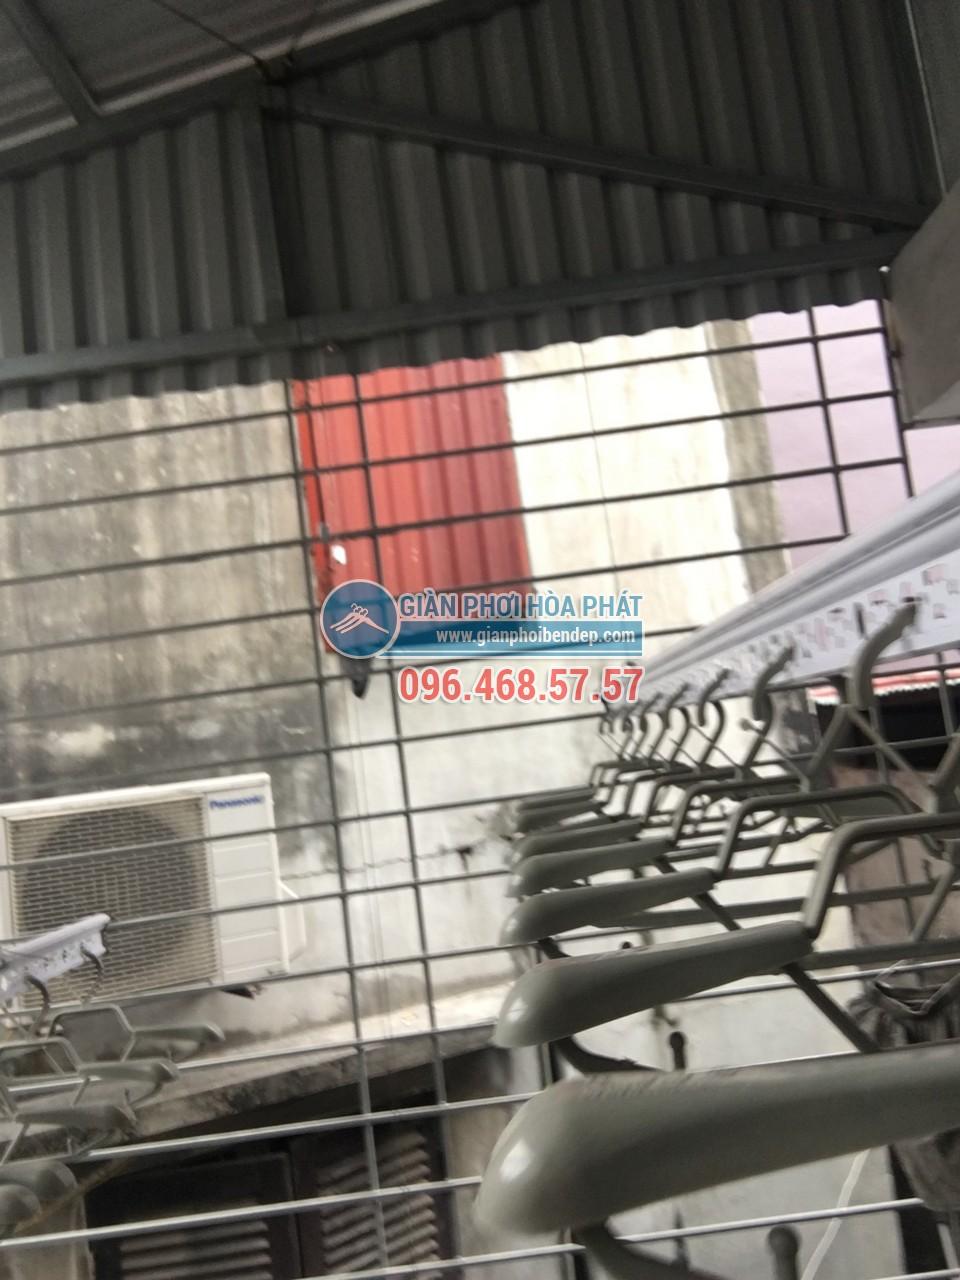 Lắp giàn phơi thông minh cho sân phơi bằng mái tôn nhà anh Chiến, Nguyễn Ngọc Nại - 05